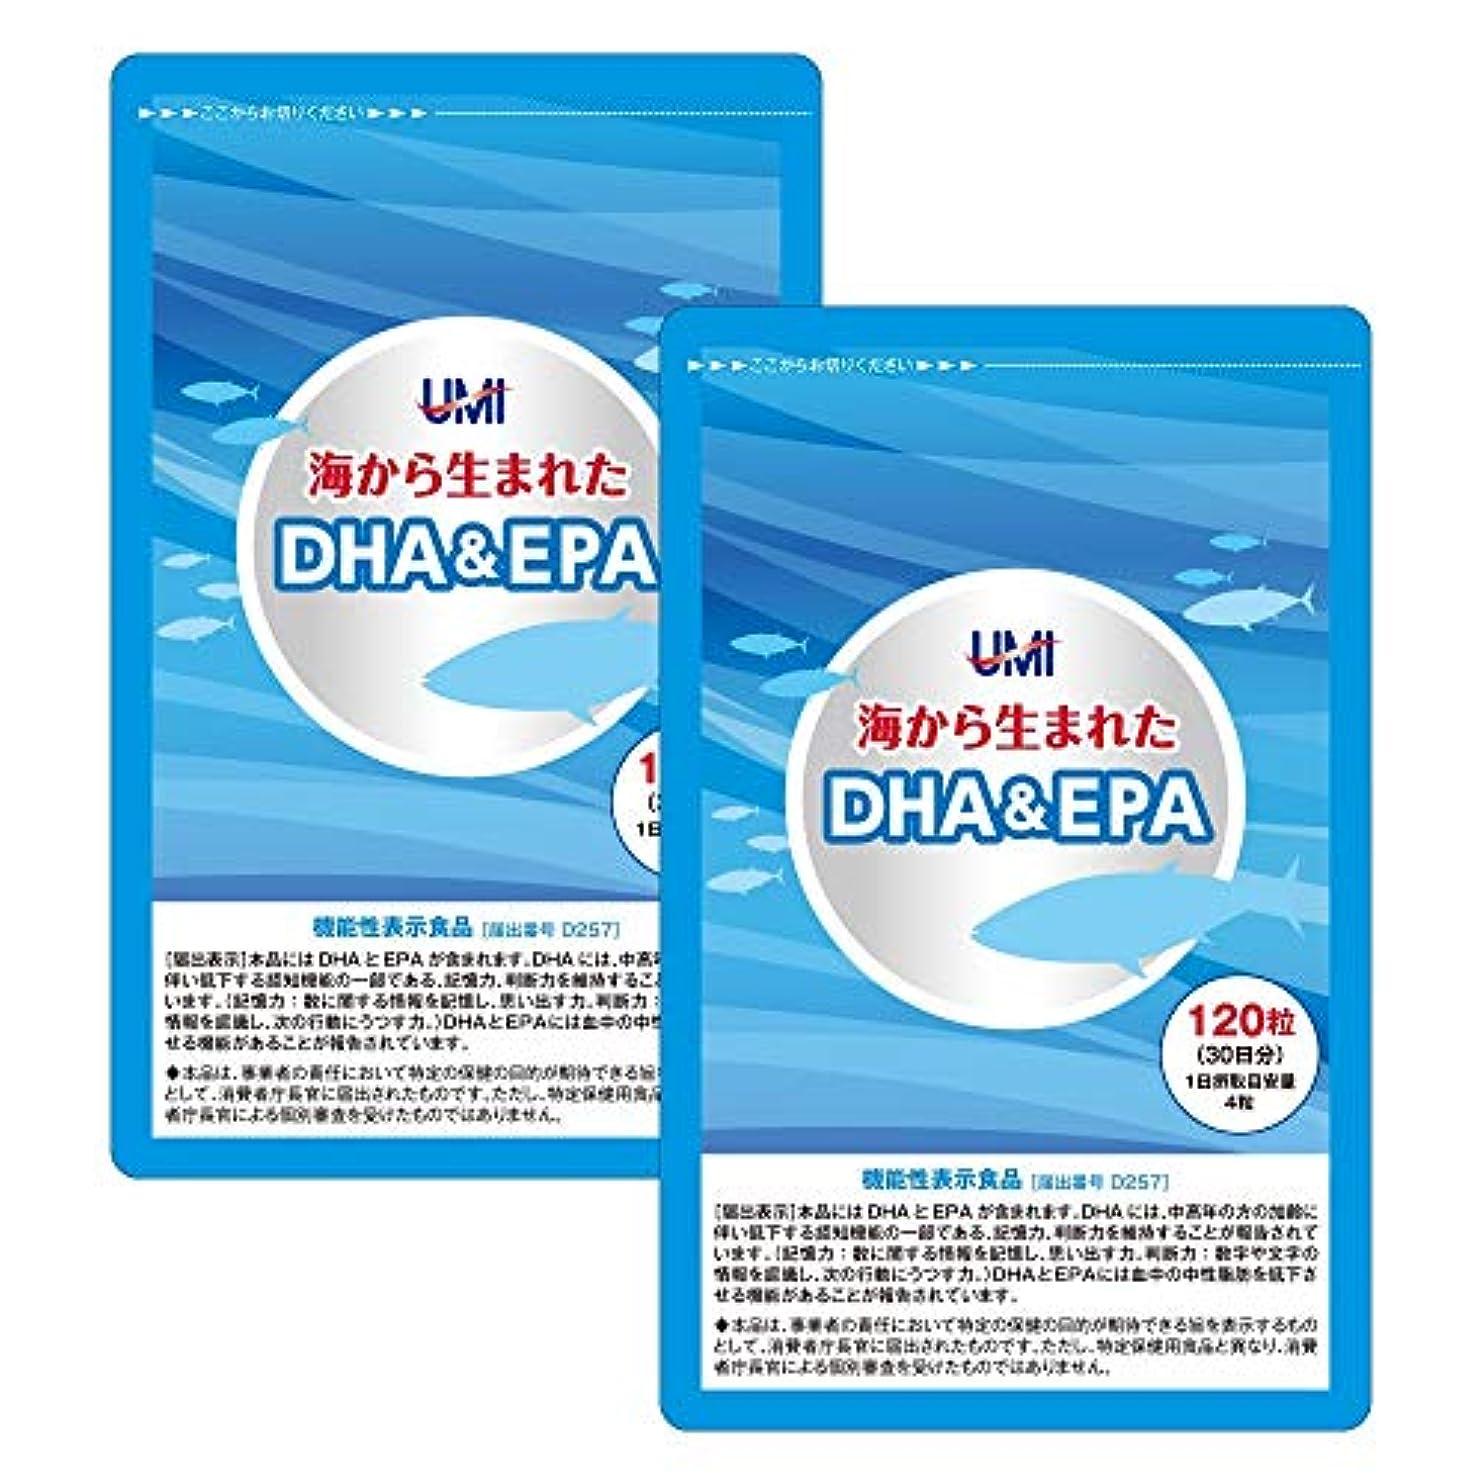 保持するシネウィデンプシーDHA&EPA 2袋セット240粒(1袋120粒入り)